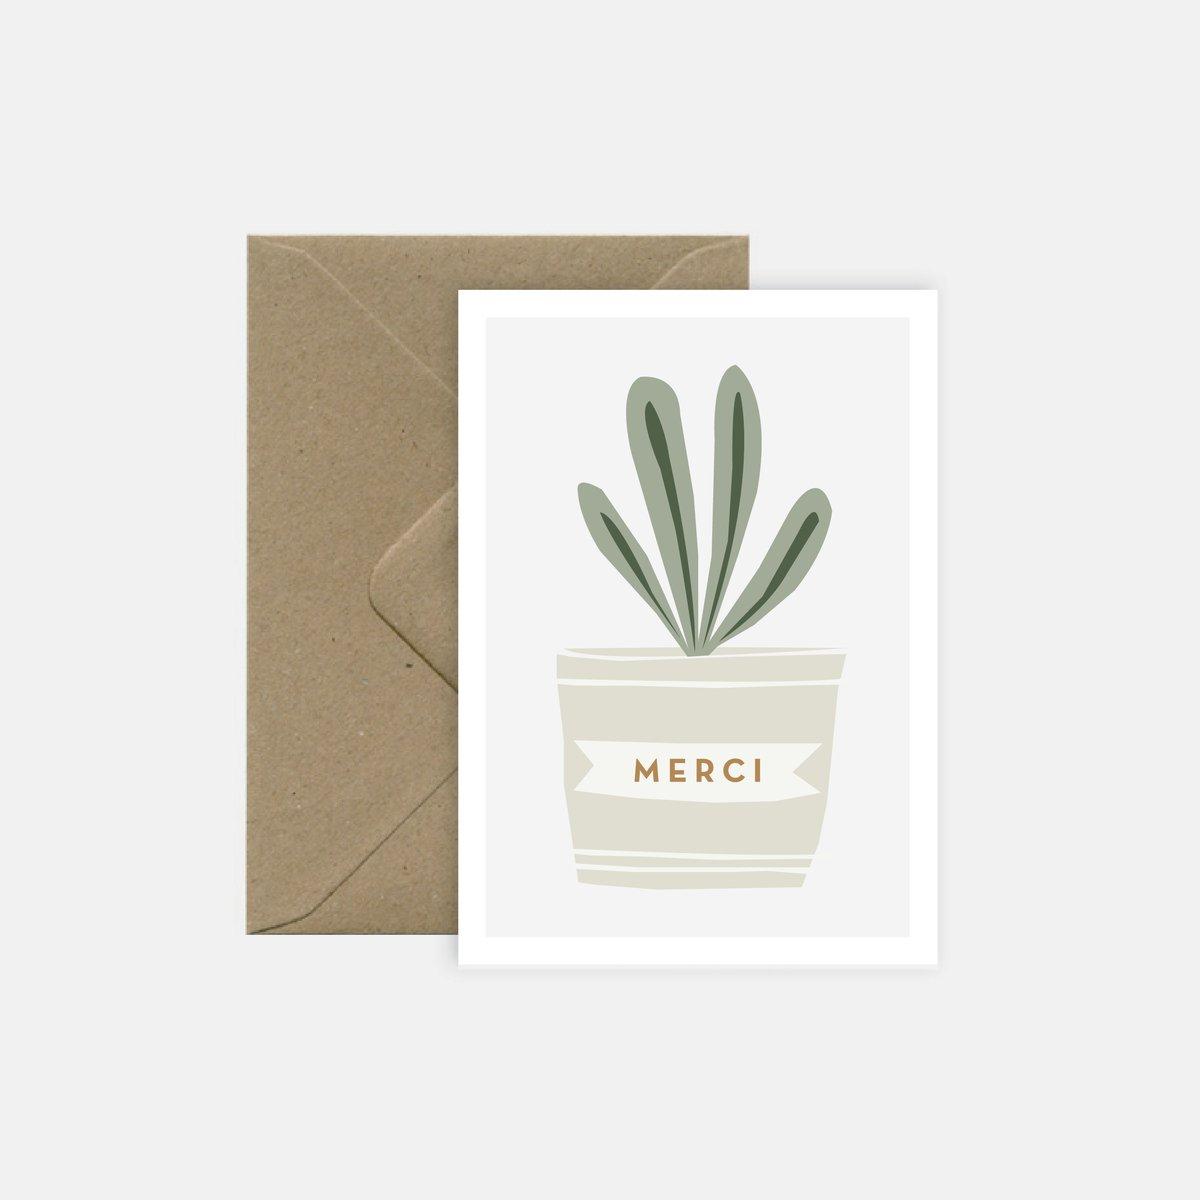 Image of Merci pour la plante